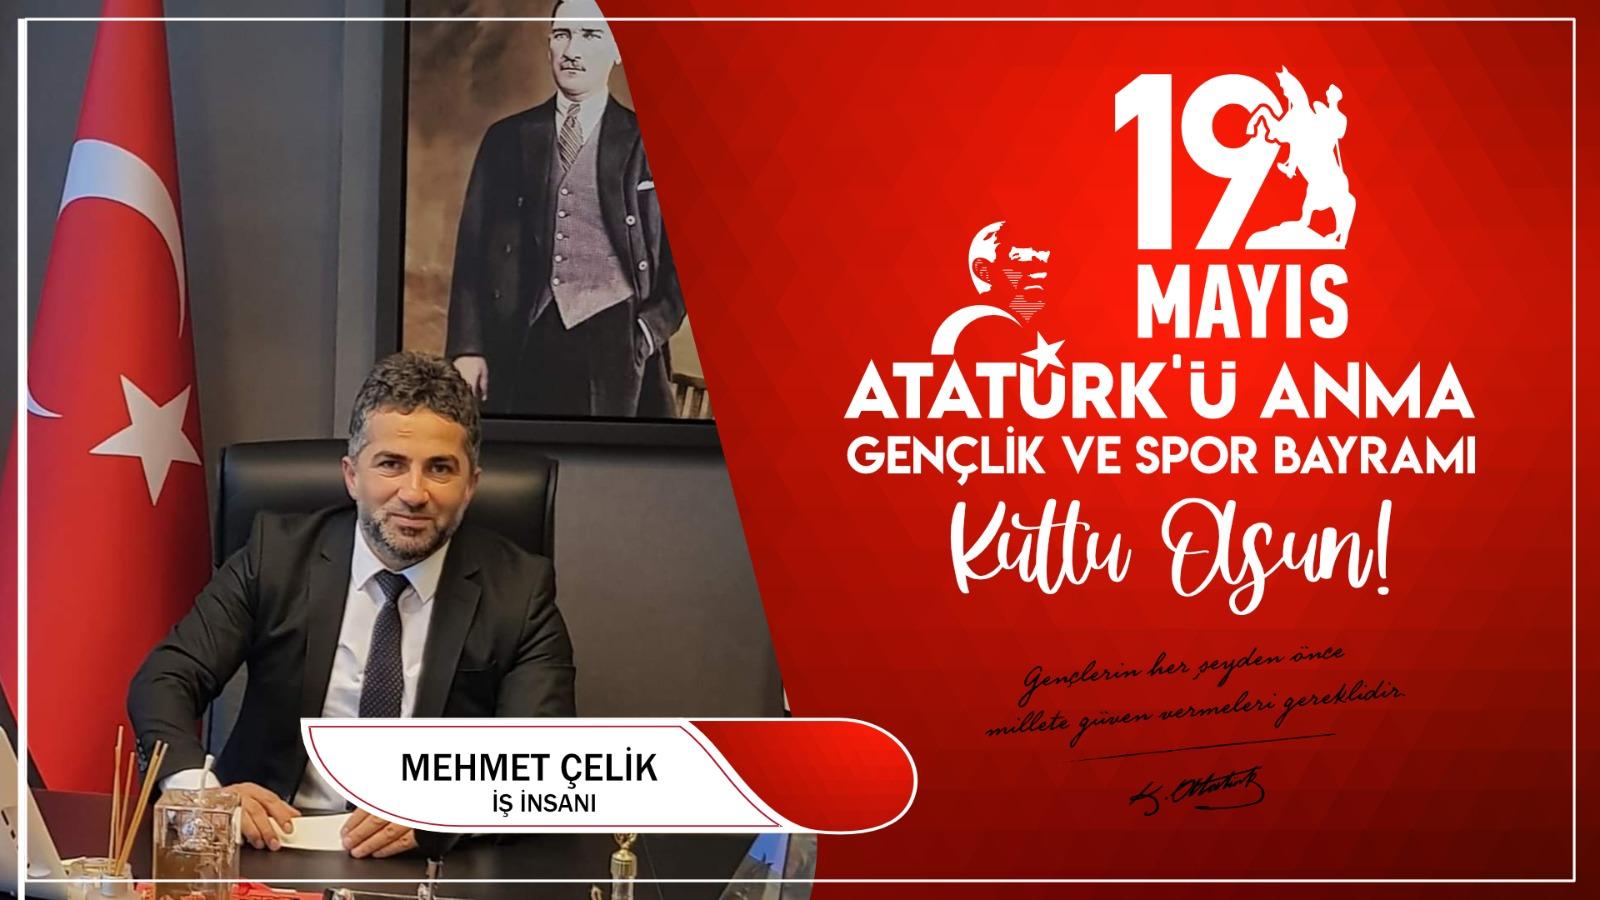 Mehmet Çelik'ten Kutlama Mesajı